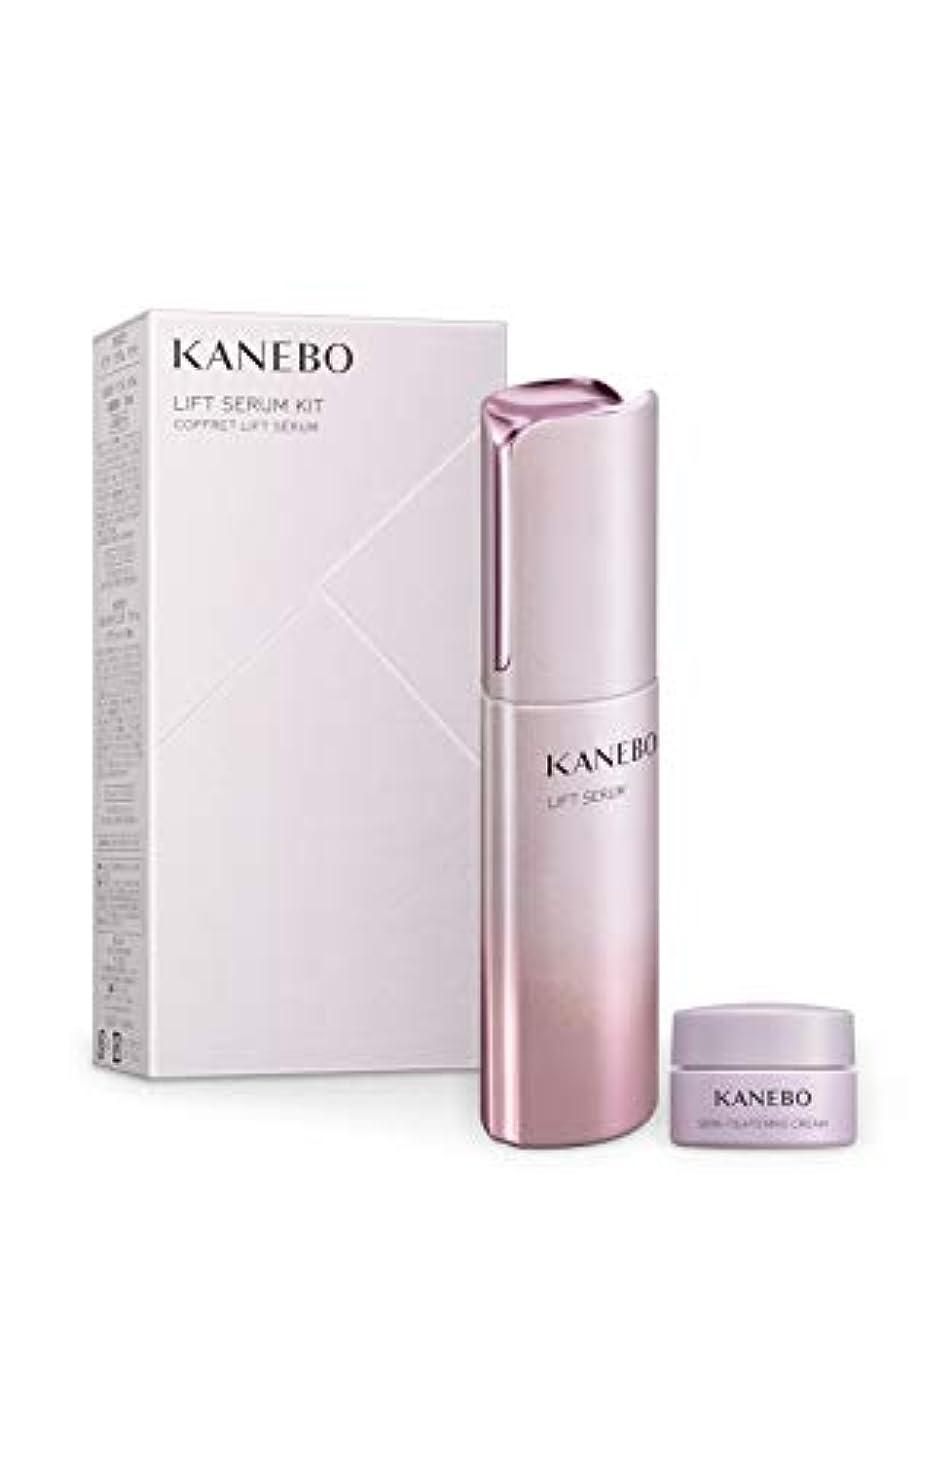 歯痛ハードウェアアソシエイトKANEBO(カネボウ) カネボウ リフト セラム キット 美容液